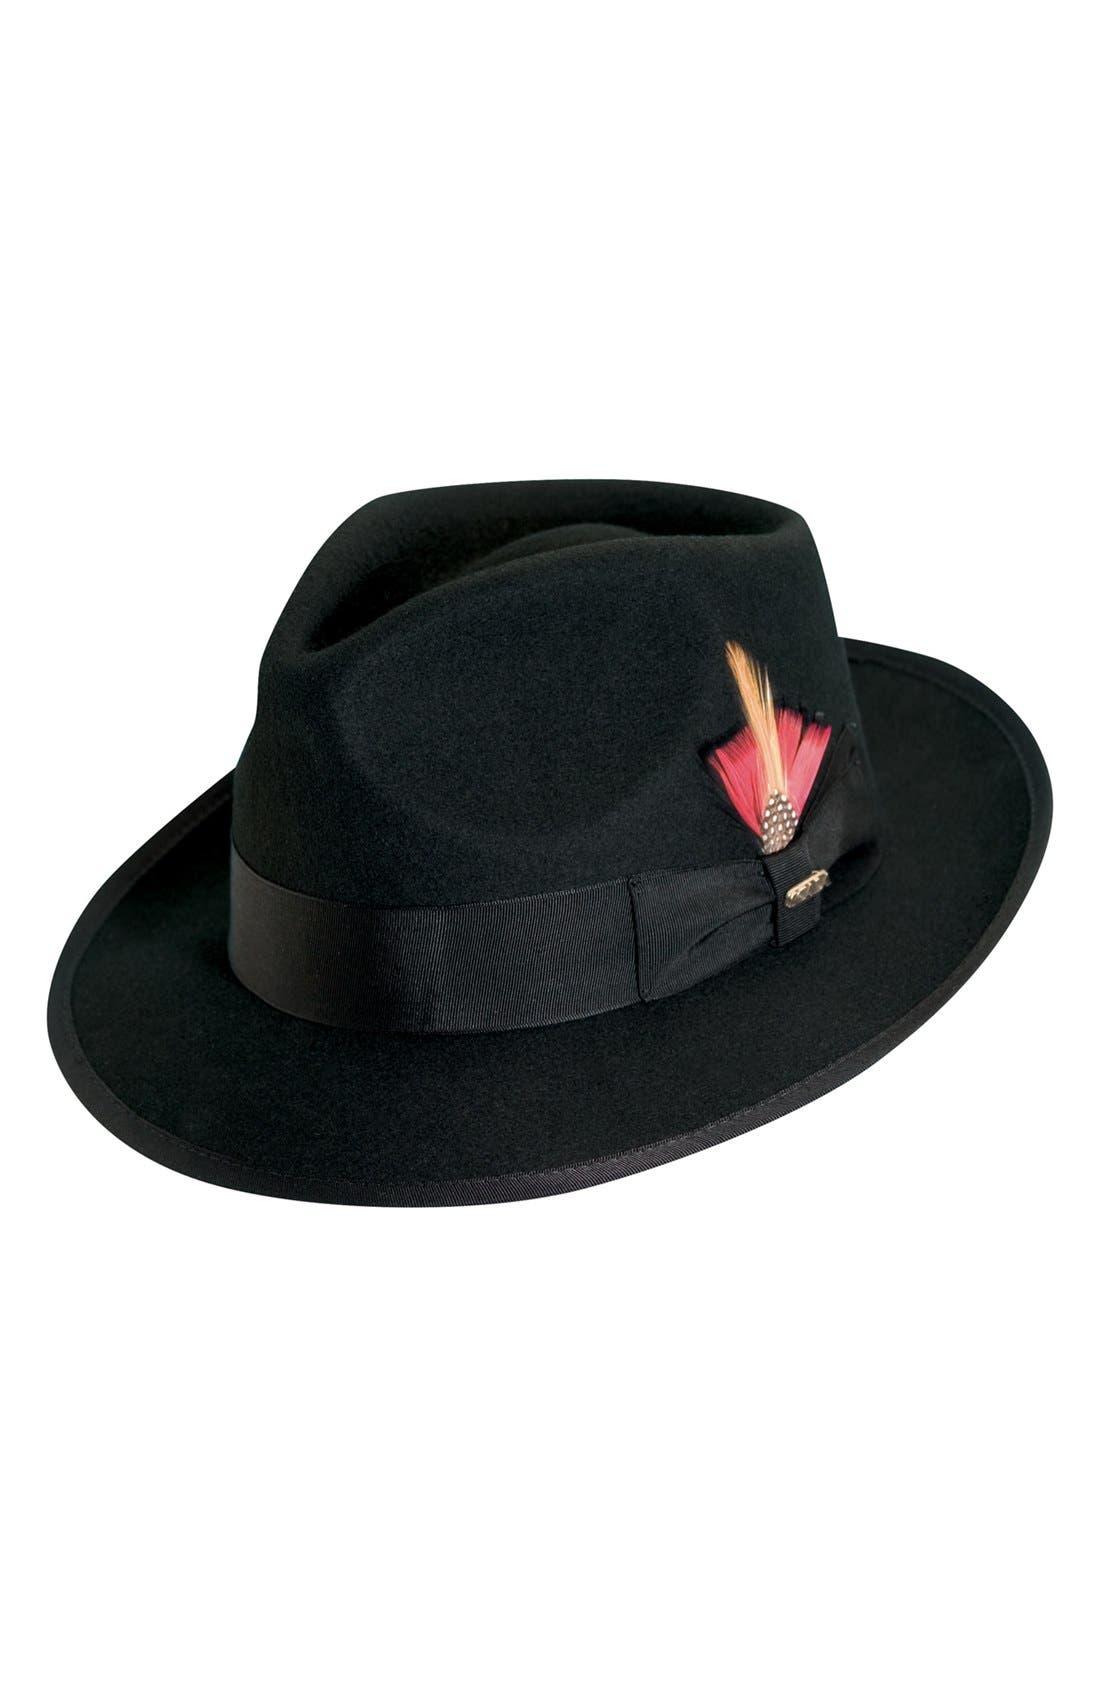 SCALA Classico Wool Felt Snap Brim Hat